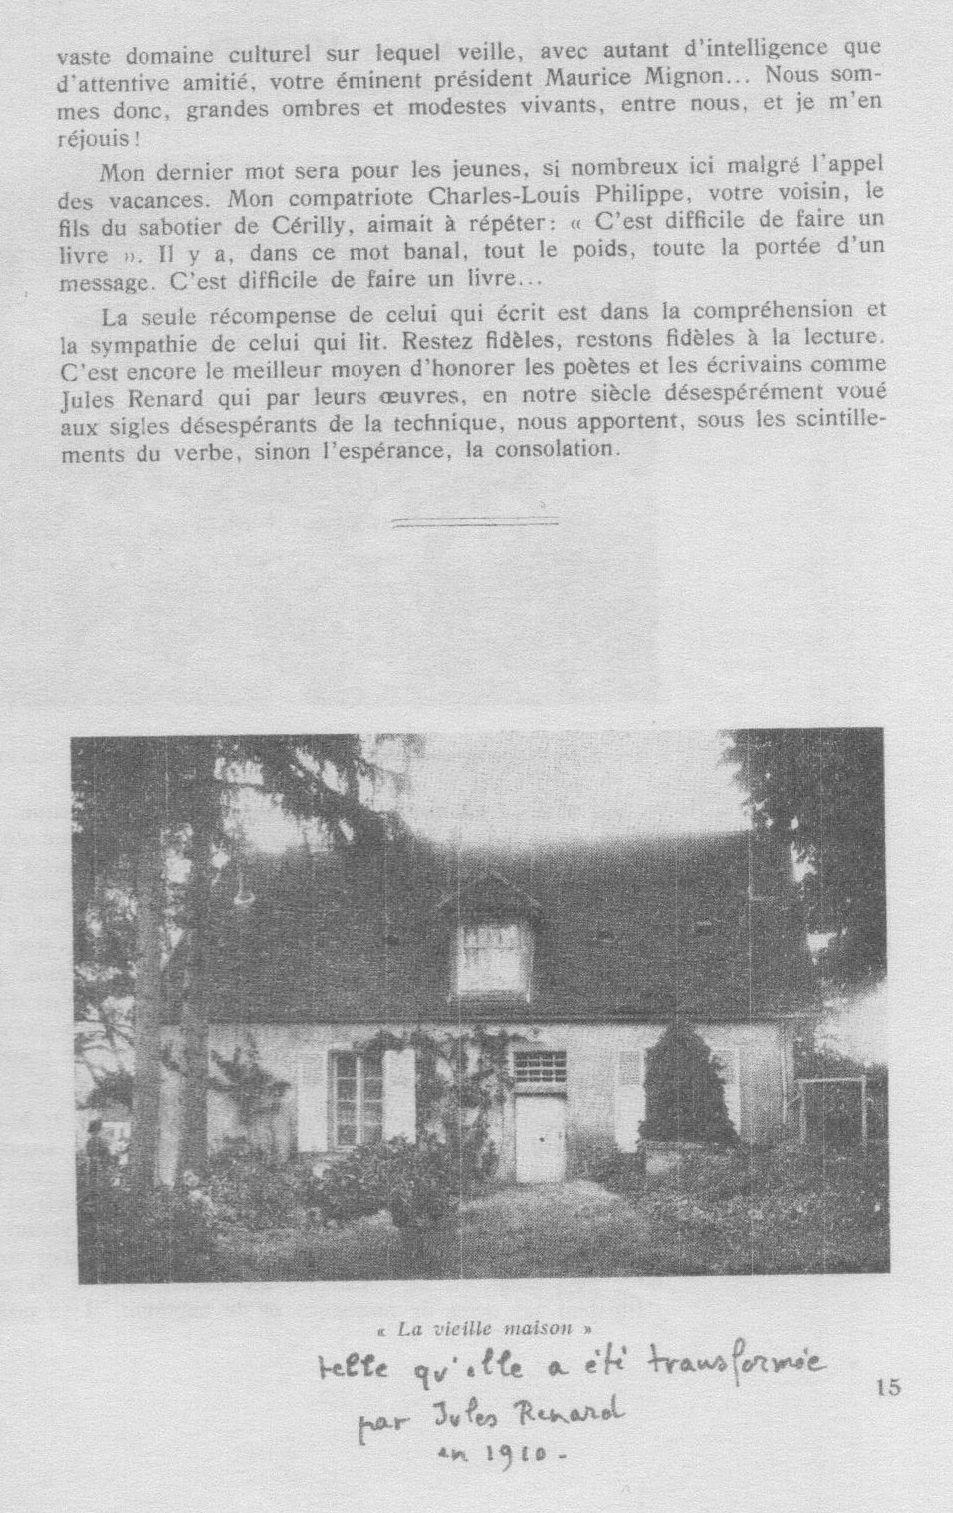 René Palmiéry, 24 juillet 1960. Inauguration du nouveau buste de Jules Renard à l'occasion du cinquantenaire de sa mort